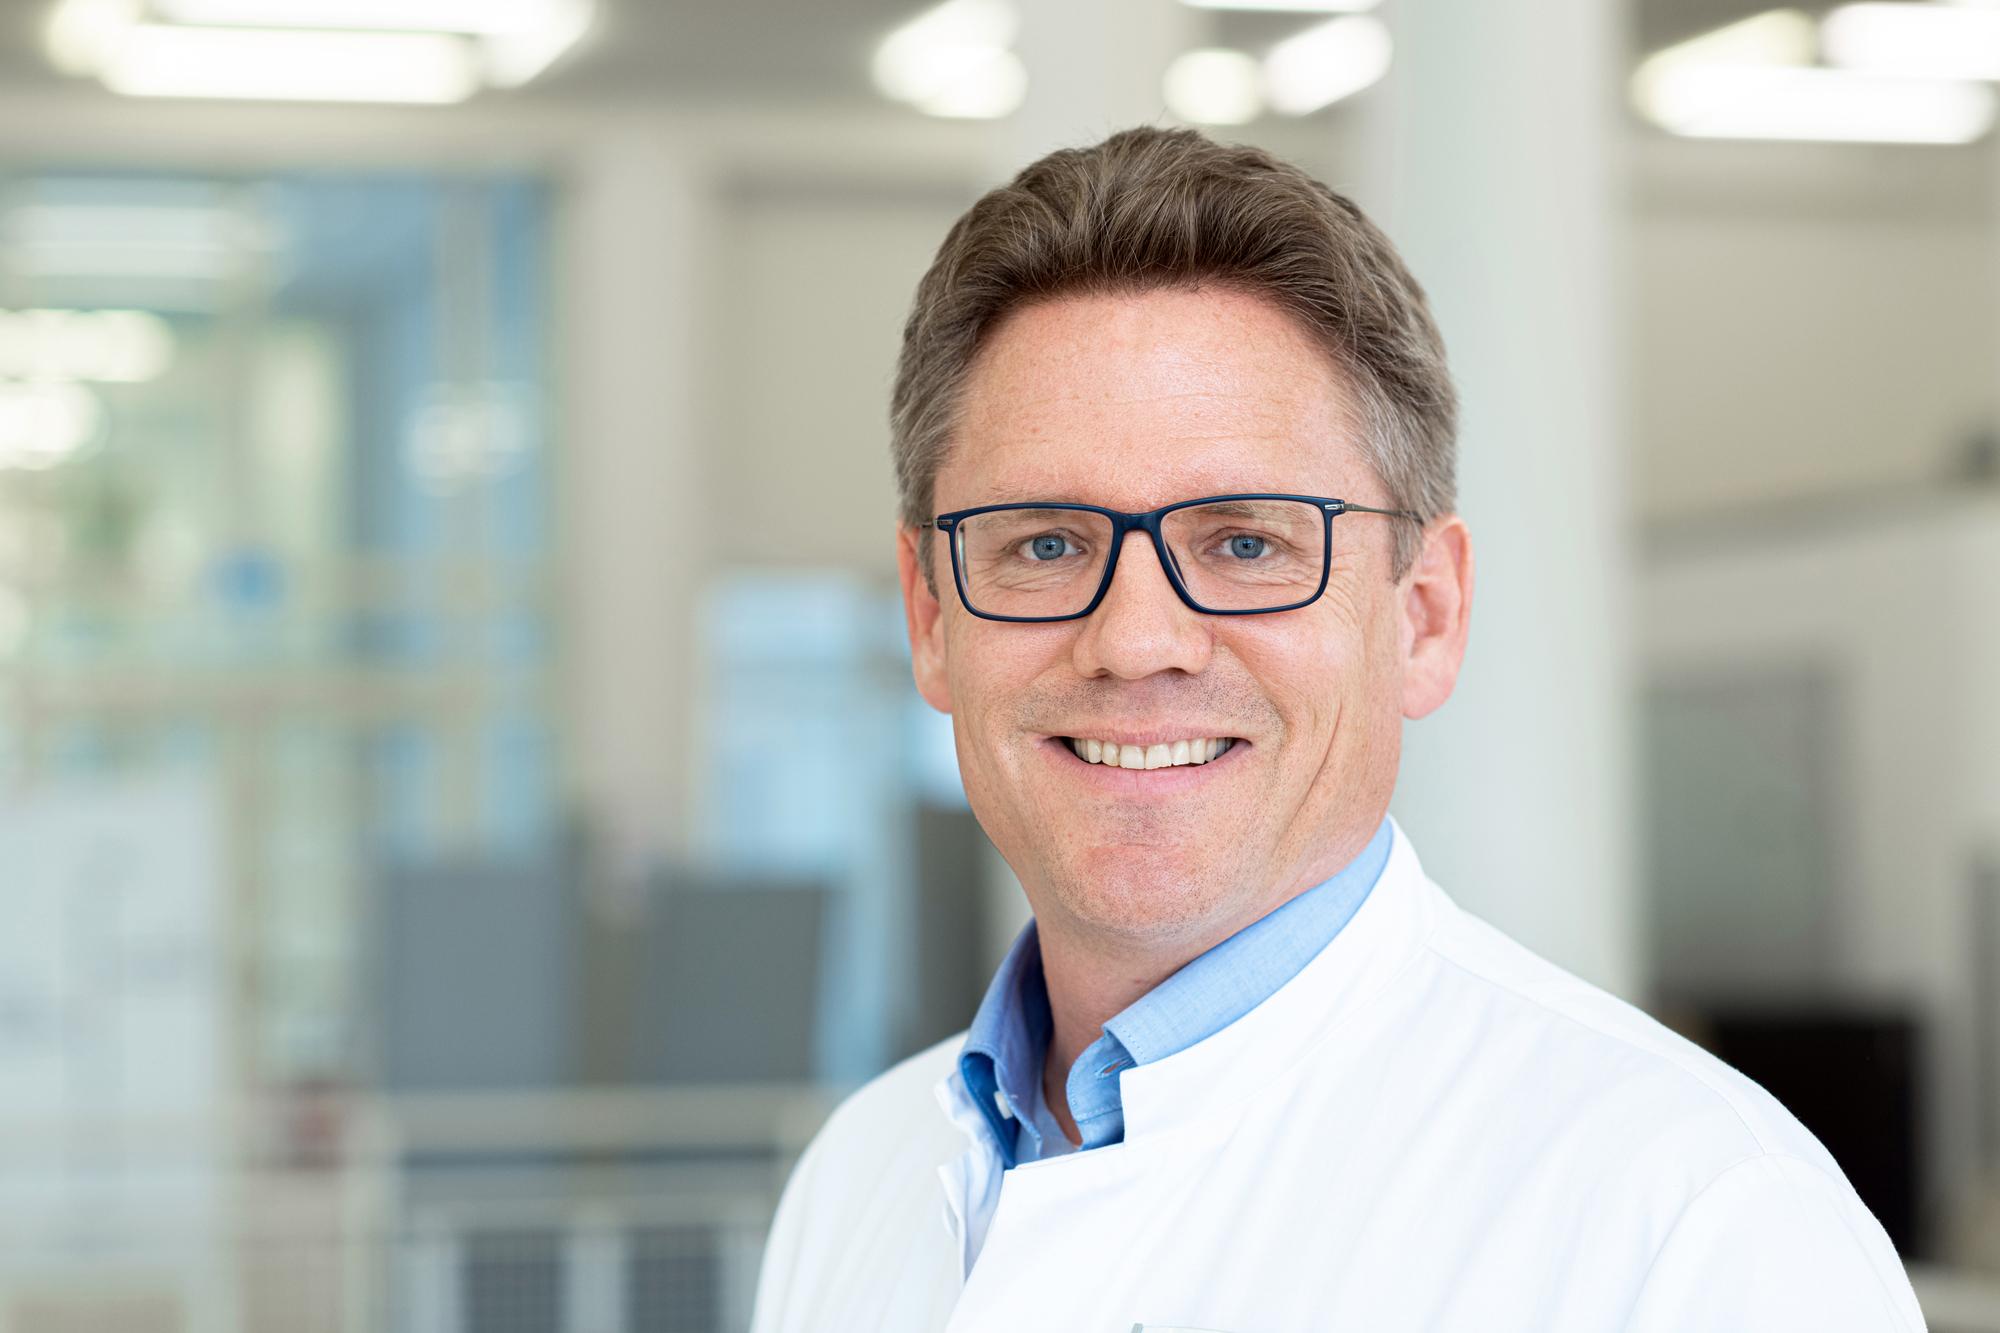 PD Dr. med. Joachim Göthert